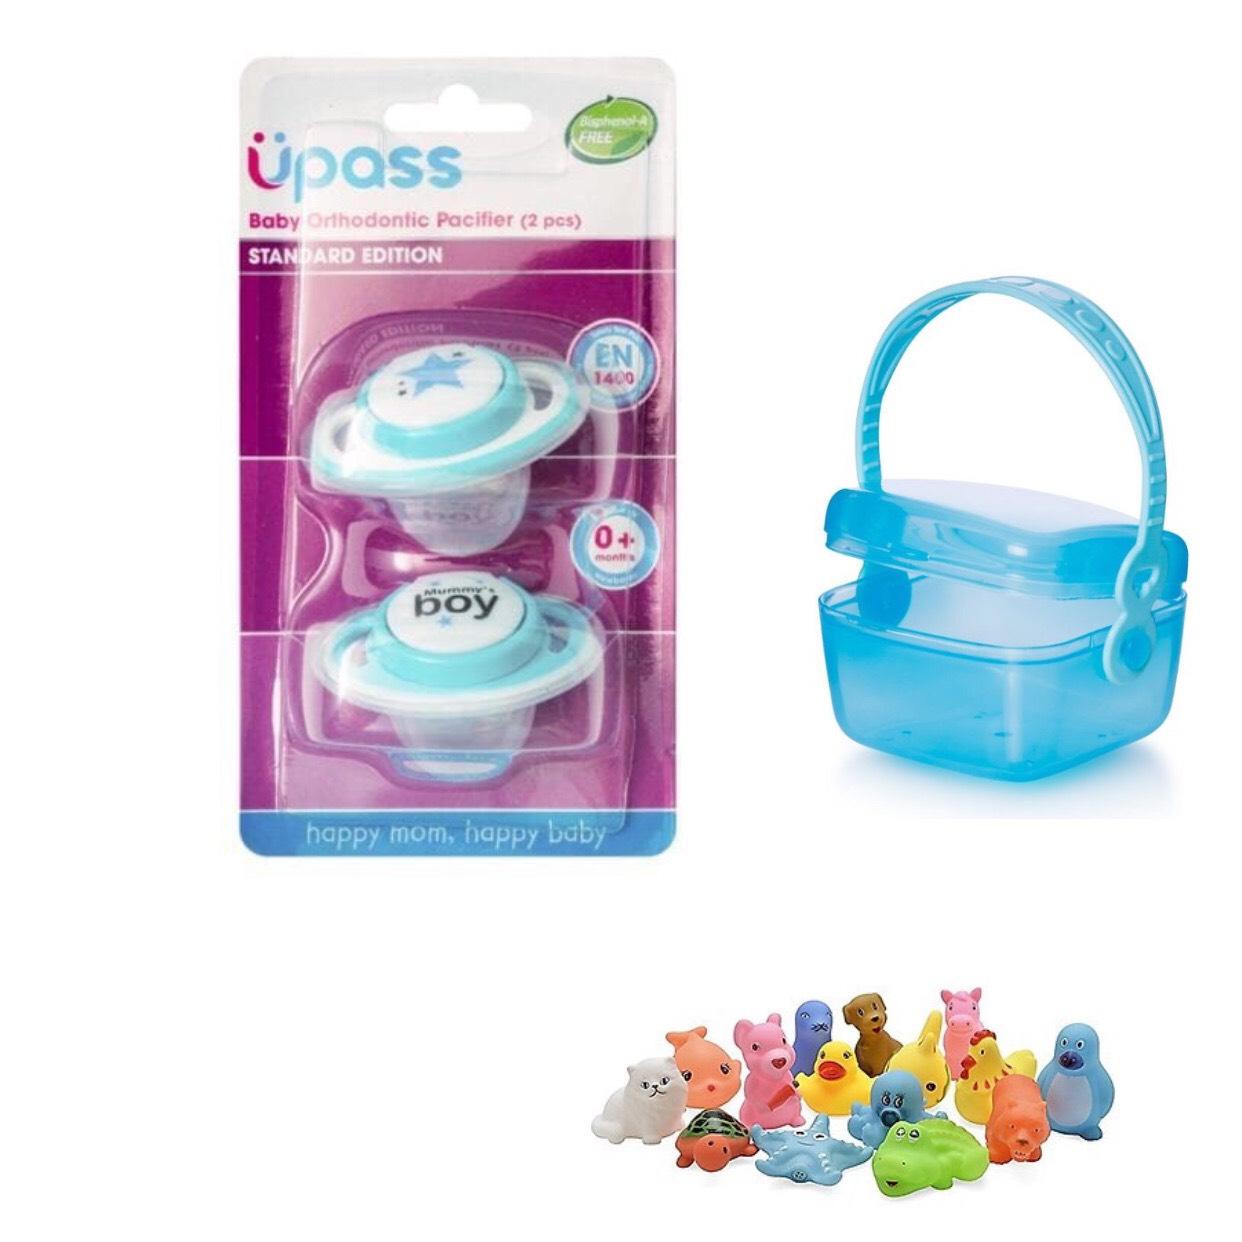 COMBO Bộ 2 Ty Ngậm Chỉnh Nha Upass Cho Bé Không BPA / UP0284N Kèm Hộp Đựng UP4276 - Tặng 6 bé chip xinh